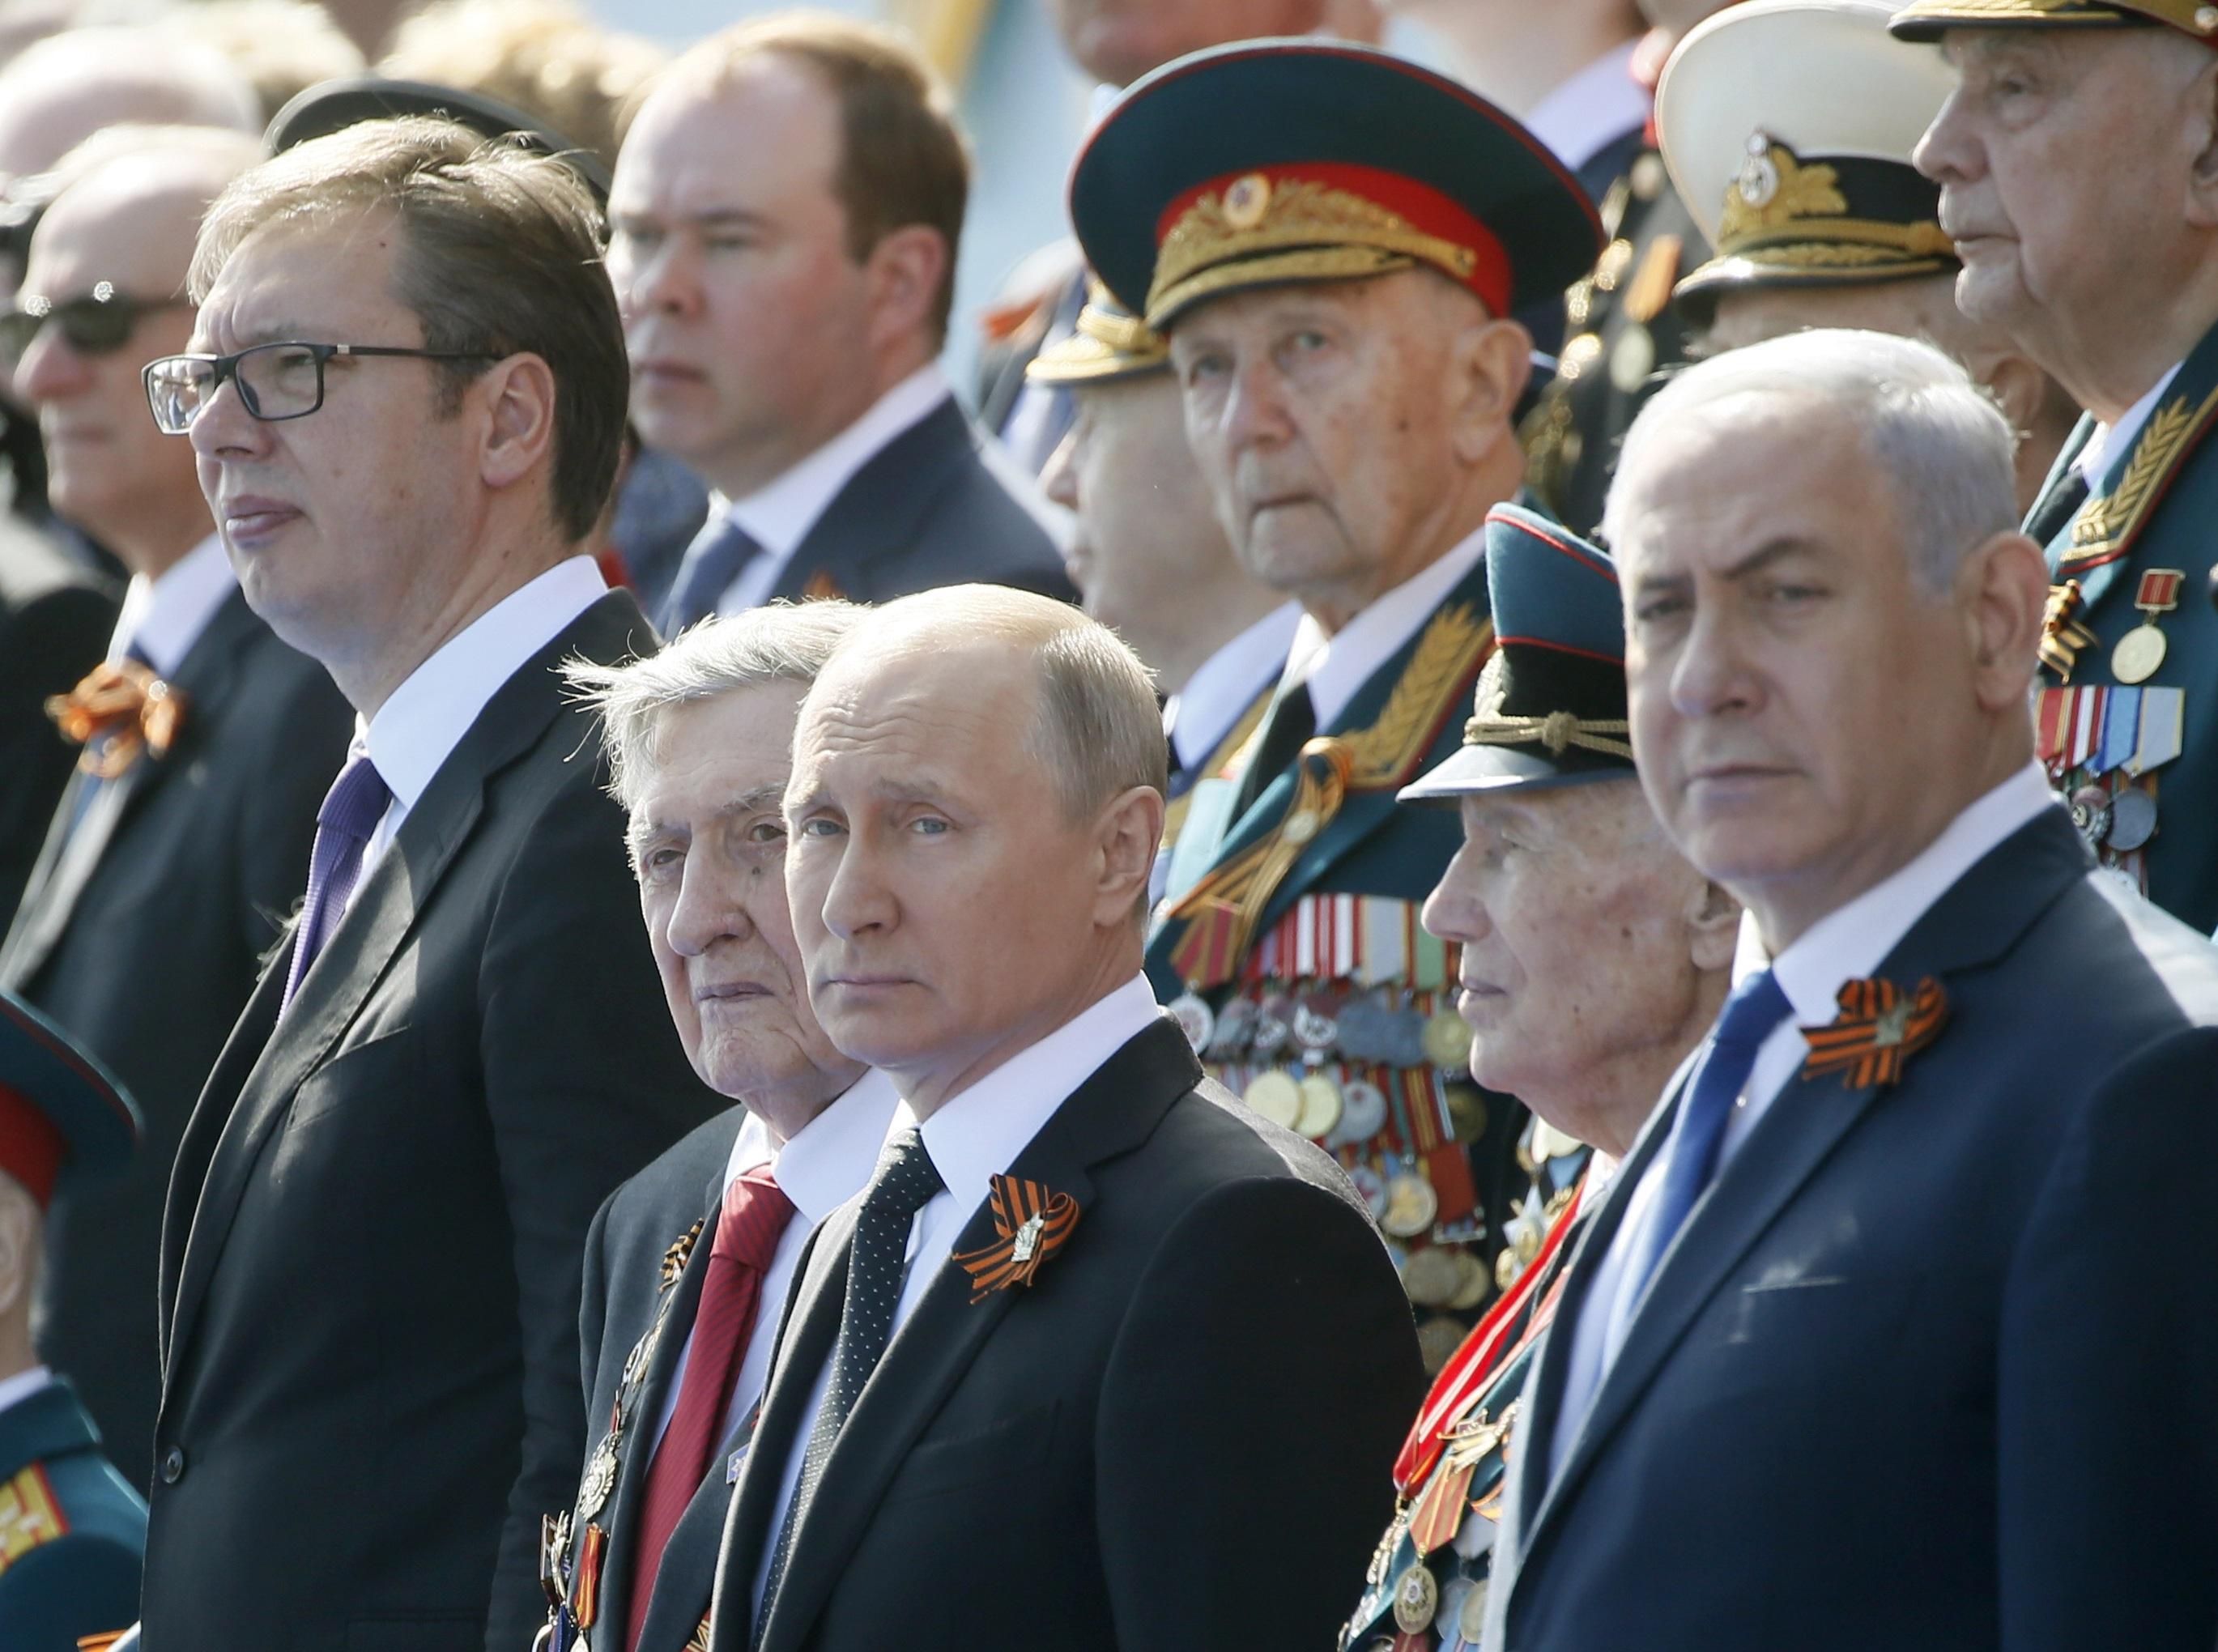 Президентът на Сърбия Александър Вучич, руският му колега Владимир Путин и премиера на Израел Бенямин Нетаняху наблюдават парада на Червения площад в Москва.